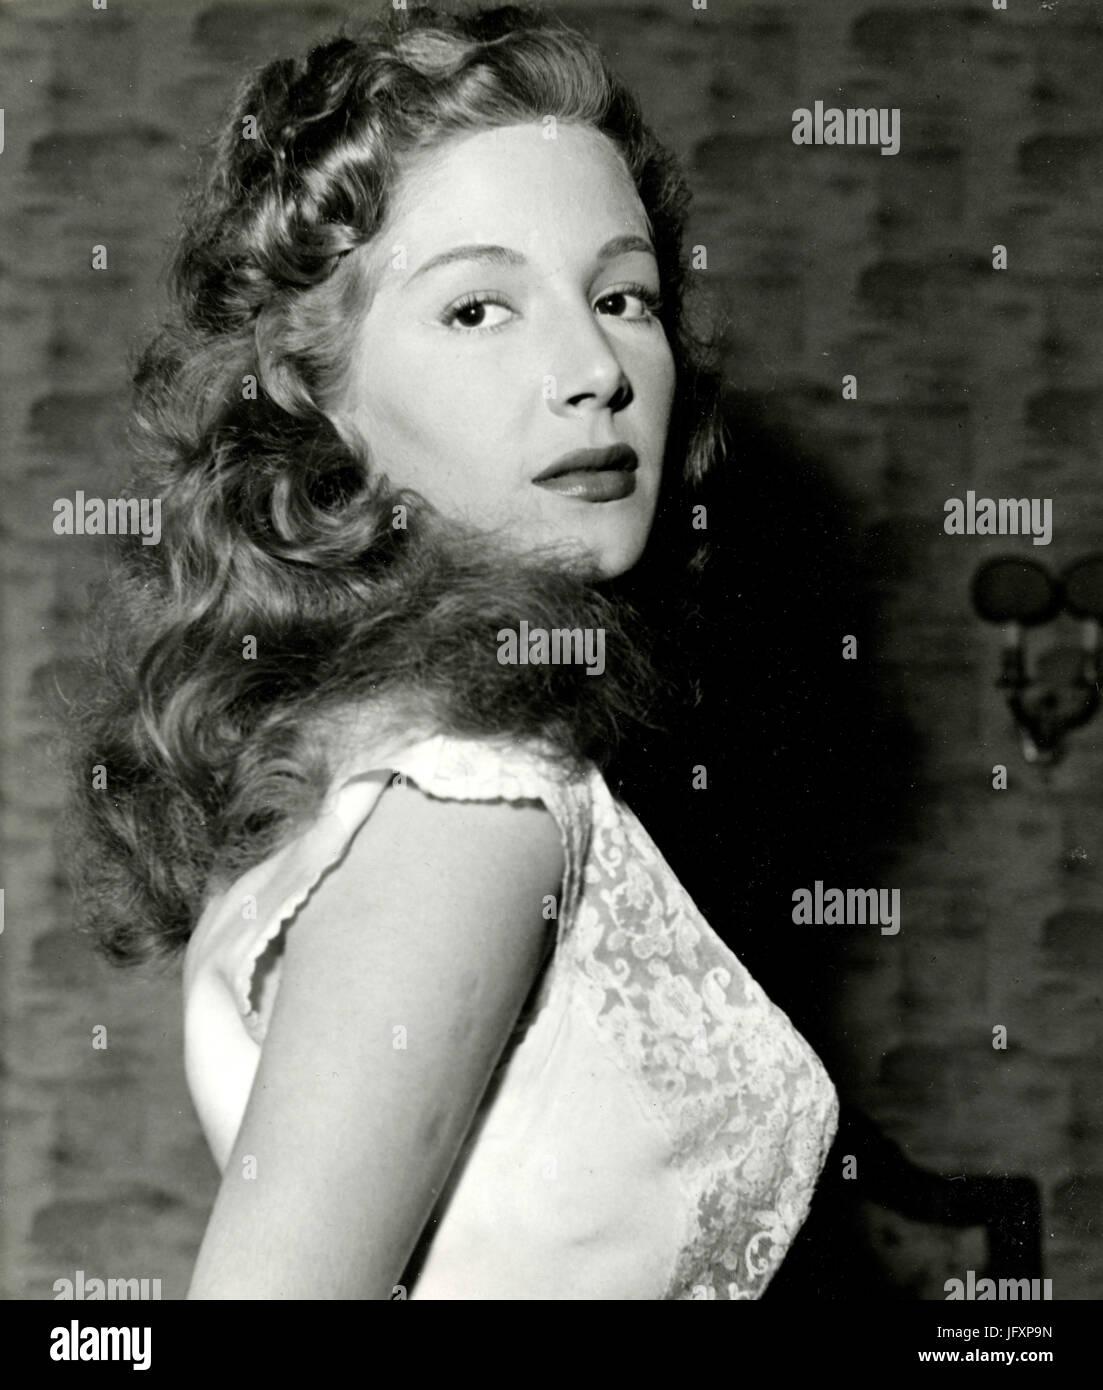 Keisha (actress)